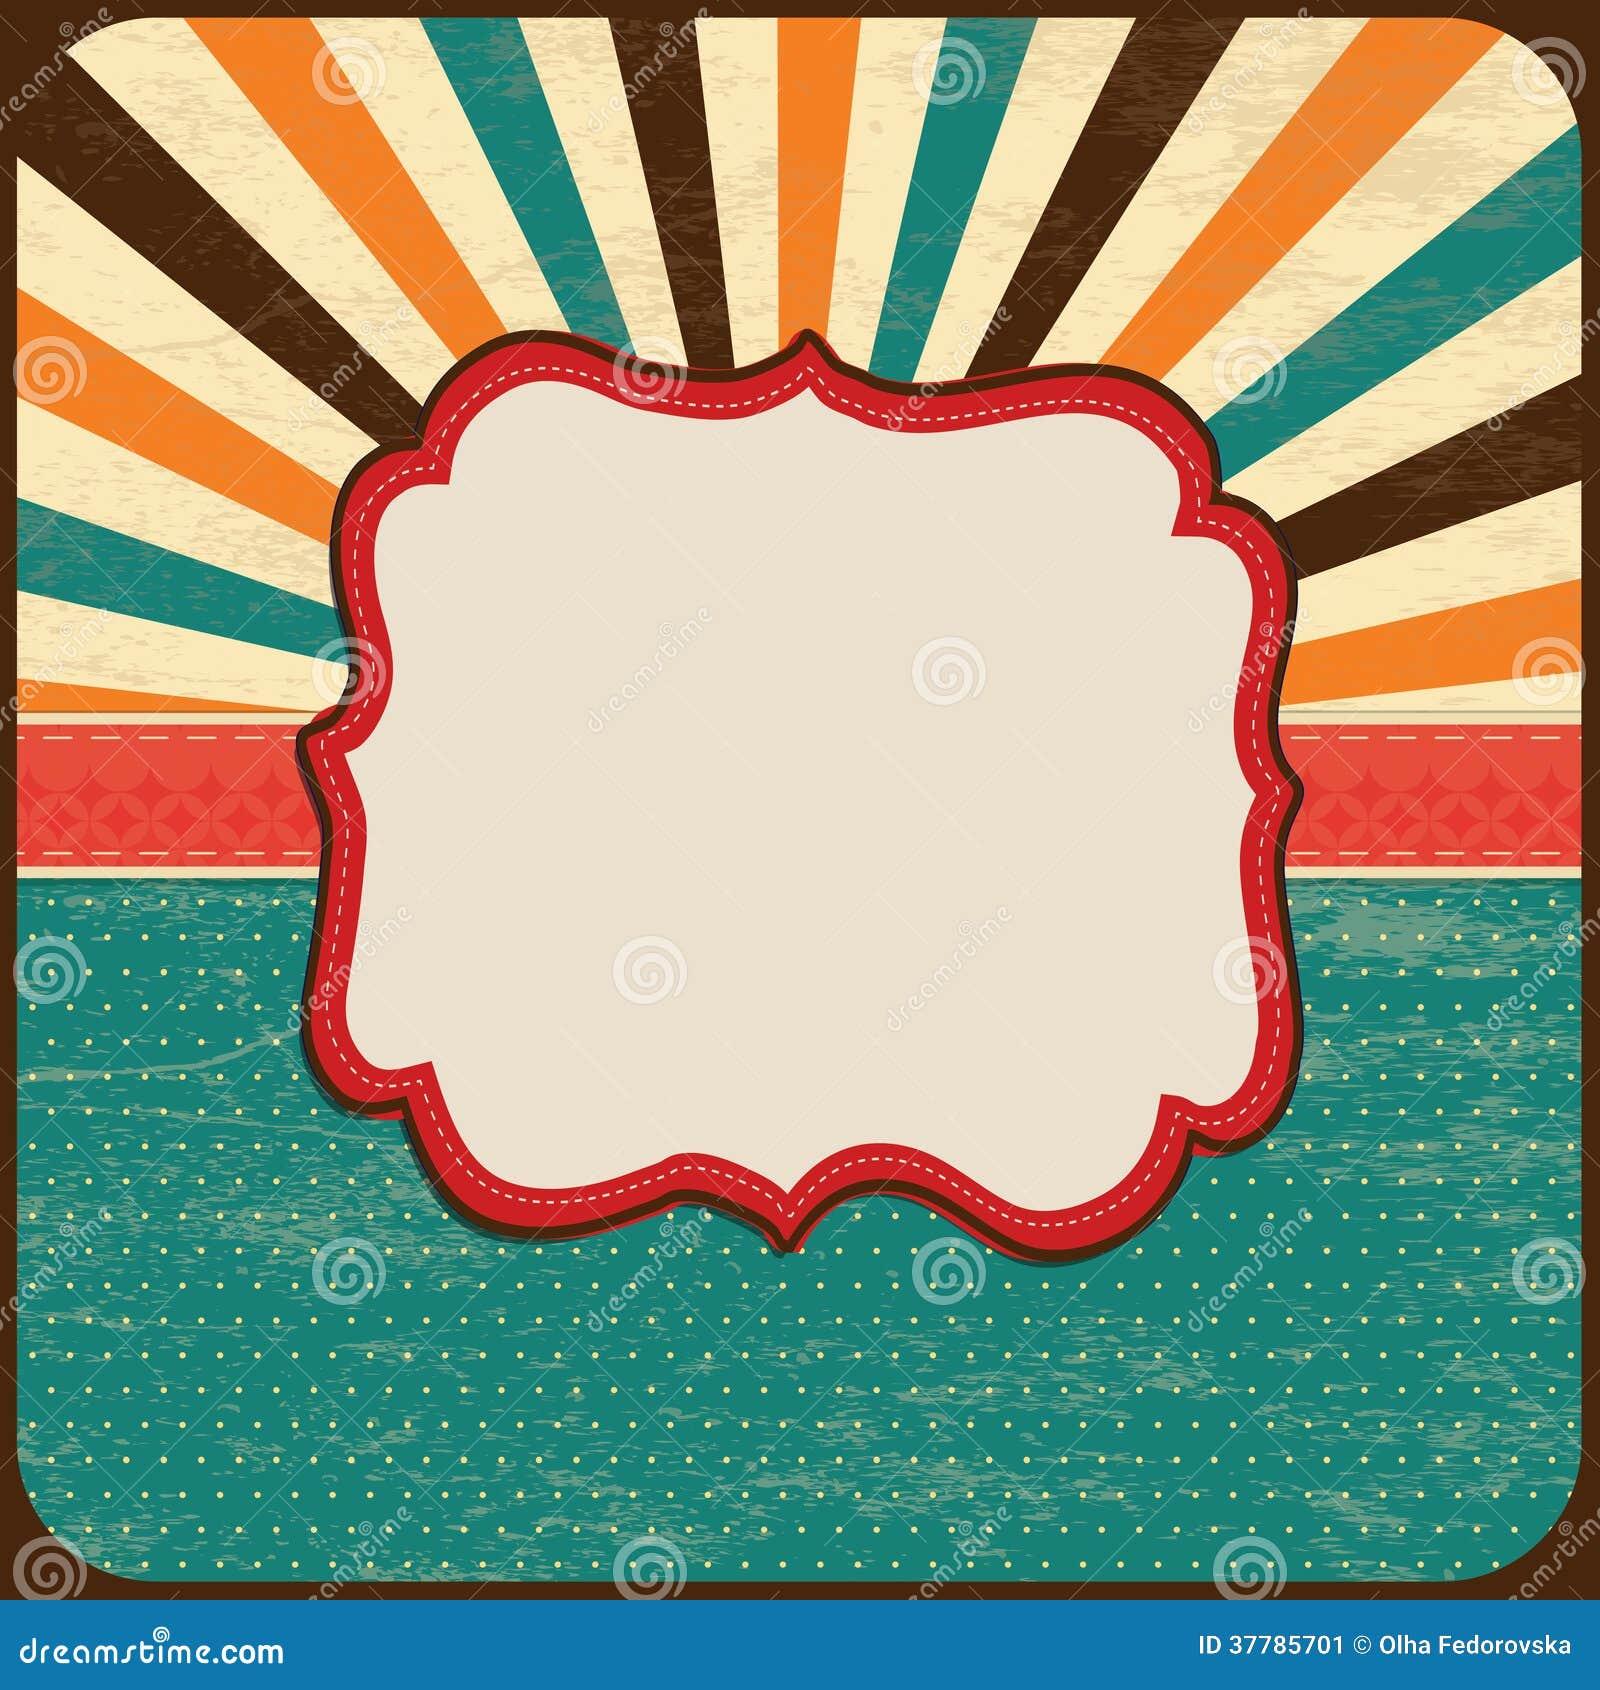 Card Background, Border Frame, Banner